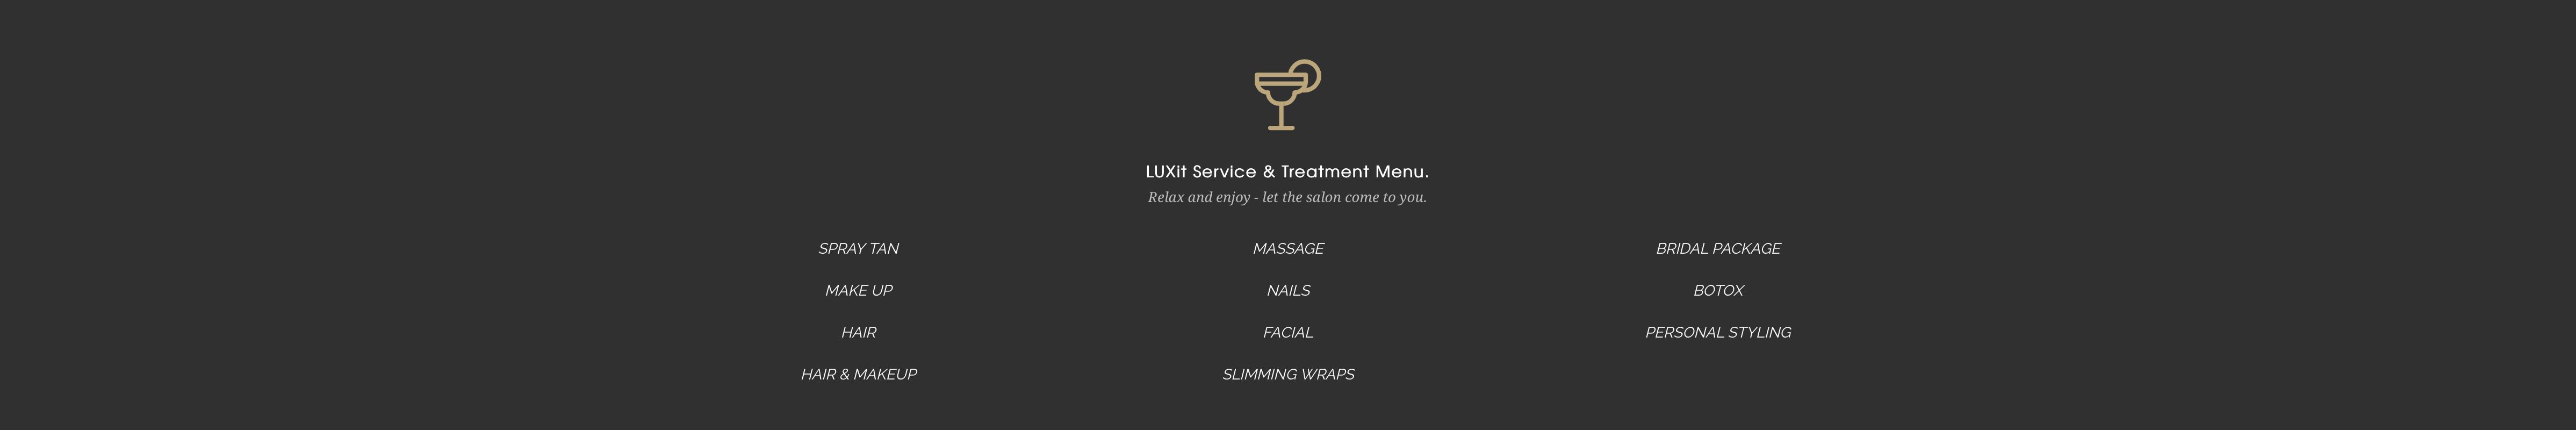 Fabiola, Luxit App, beauty services through app, The Vault Online